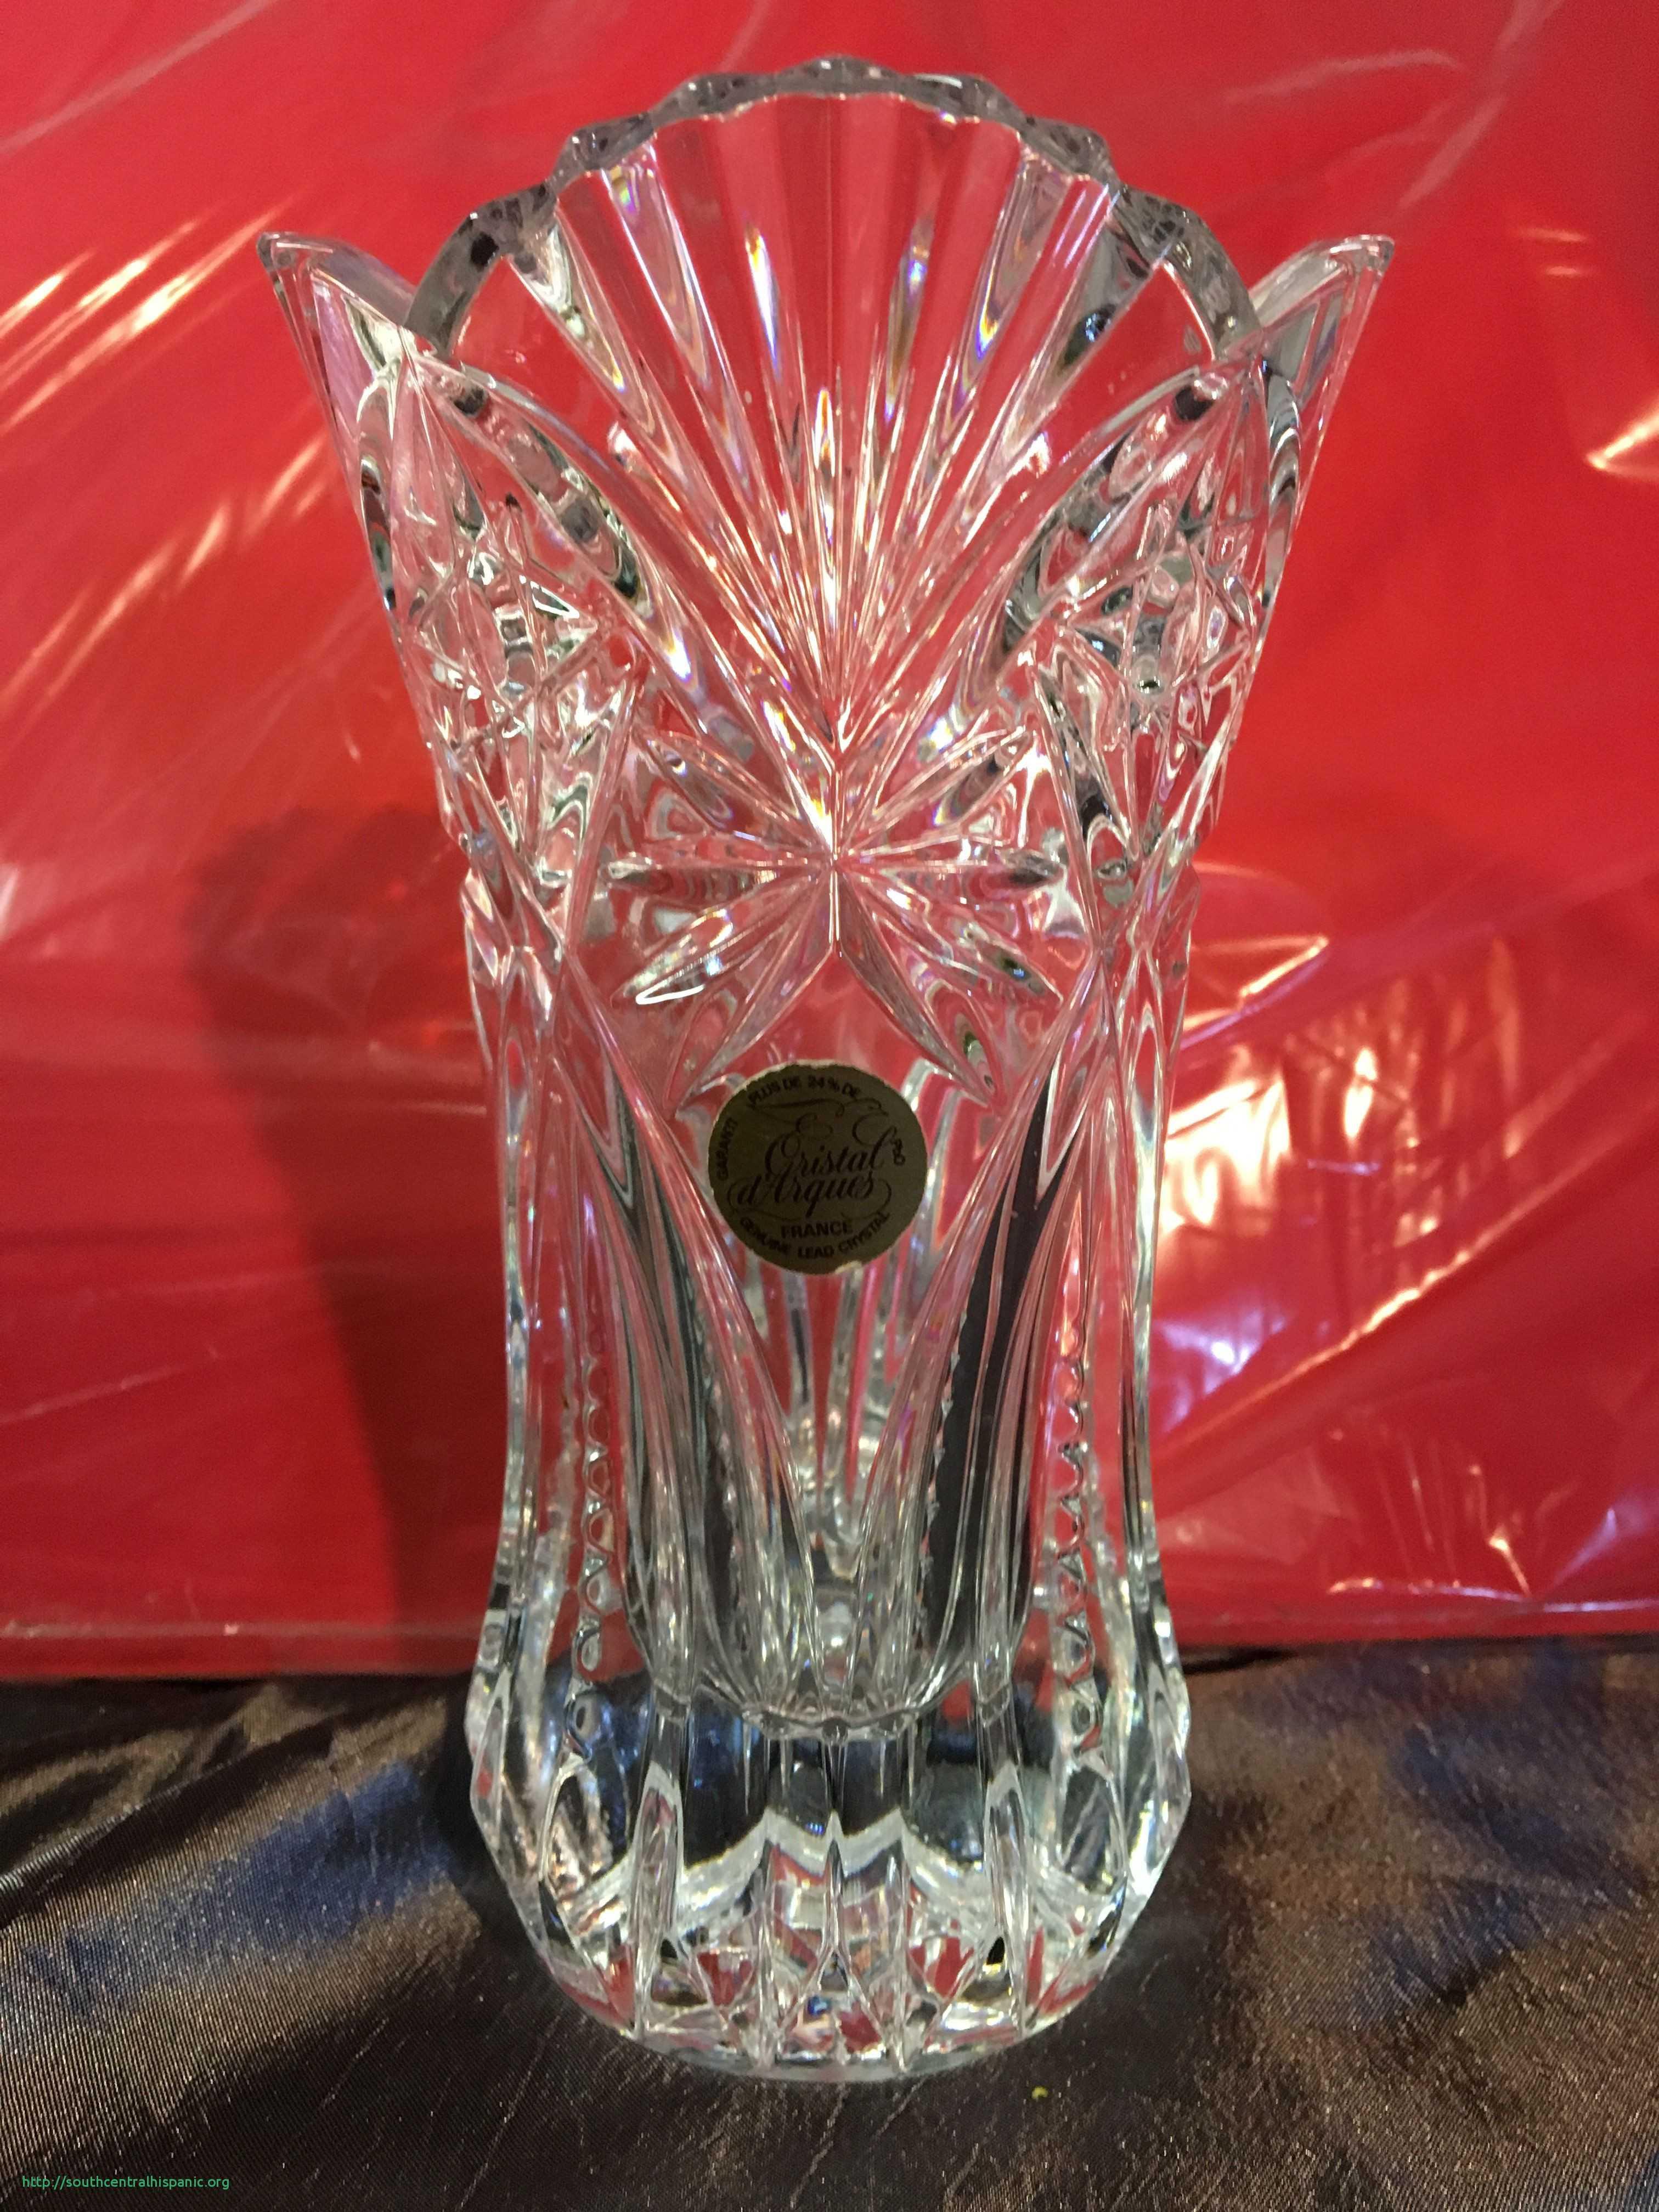 Glass Candy Vases Of Burnt orange Floor Vases A‰lagant 20 Inch Vase Fresh Vases Grave Pertaining to Burnt orange Floor Vases A‰lagant 20 Inch Vase Fresh Vases Grave Flower Vase Cemetery Informationi 0d